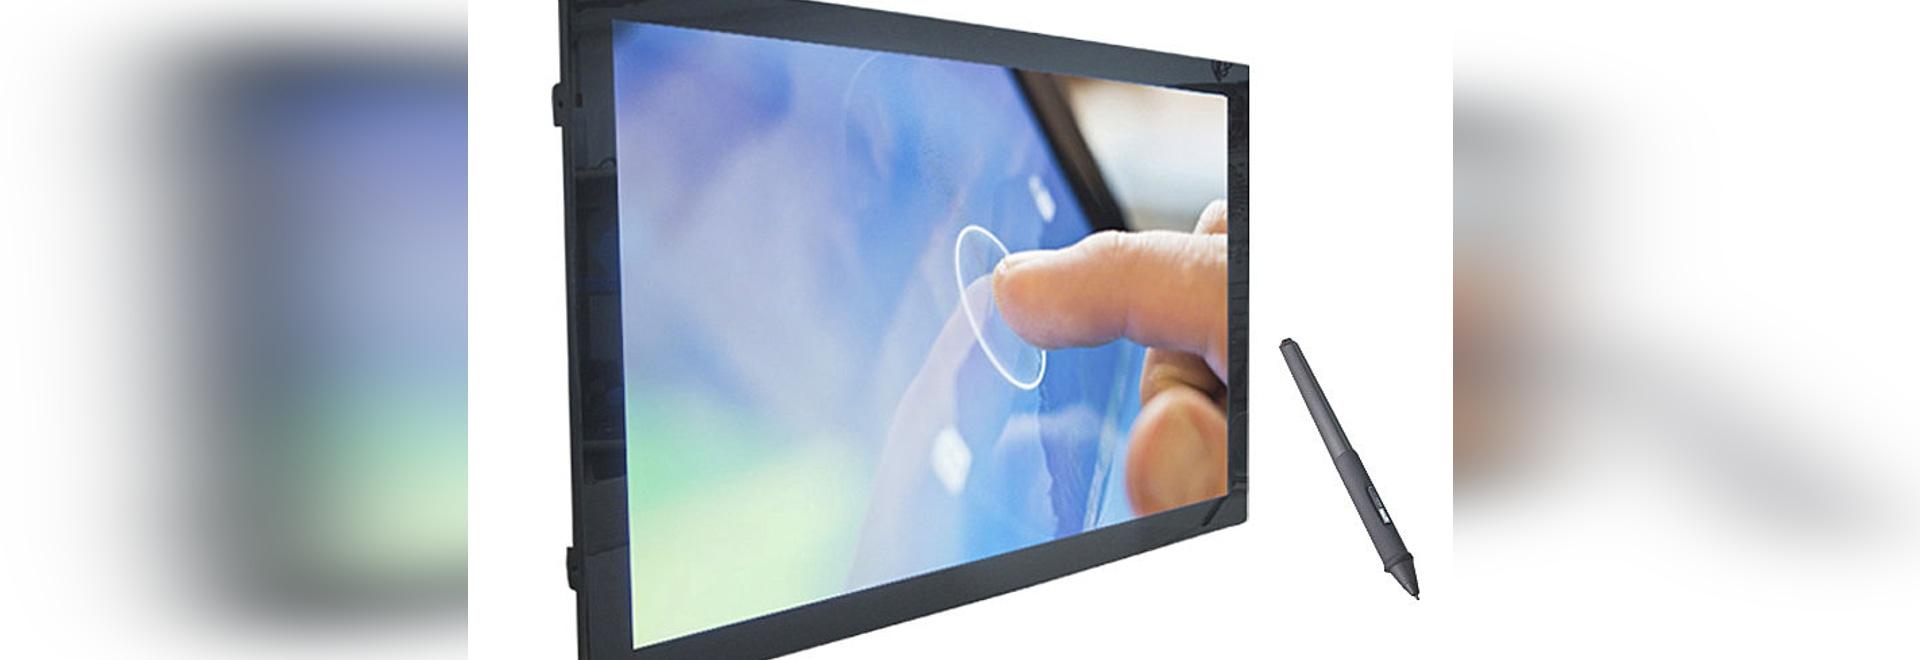 Monitor del LCD/pantalla/quiosco/abrir-marco del multitouch ...